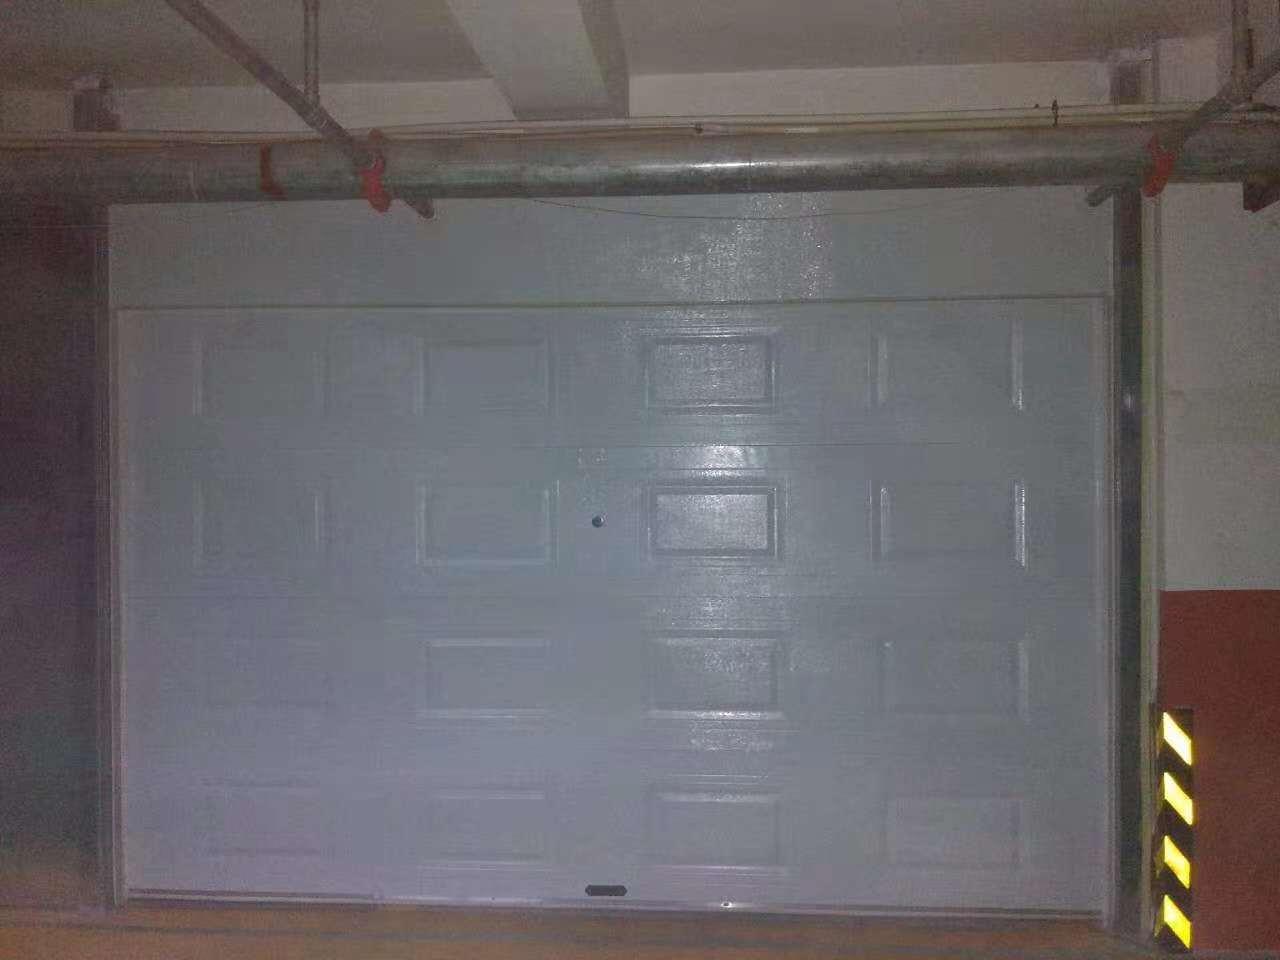 衡水彩钢板卷帘门公司